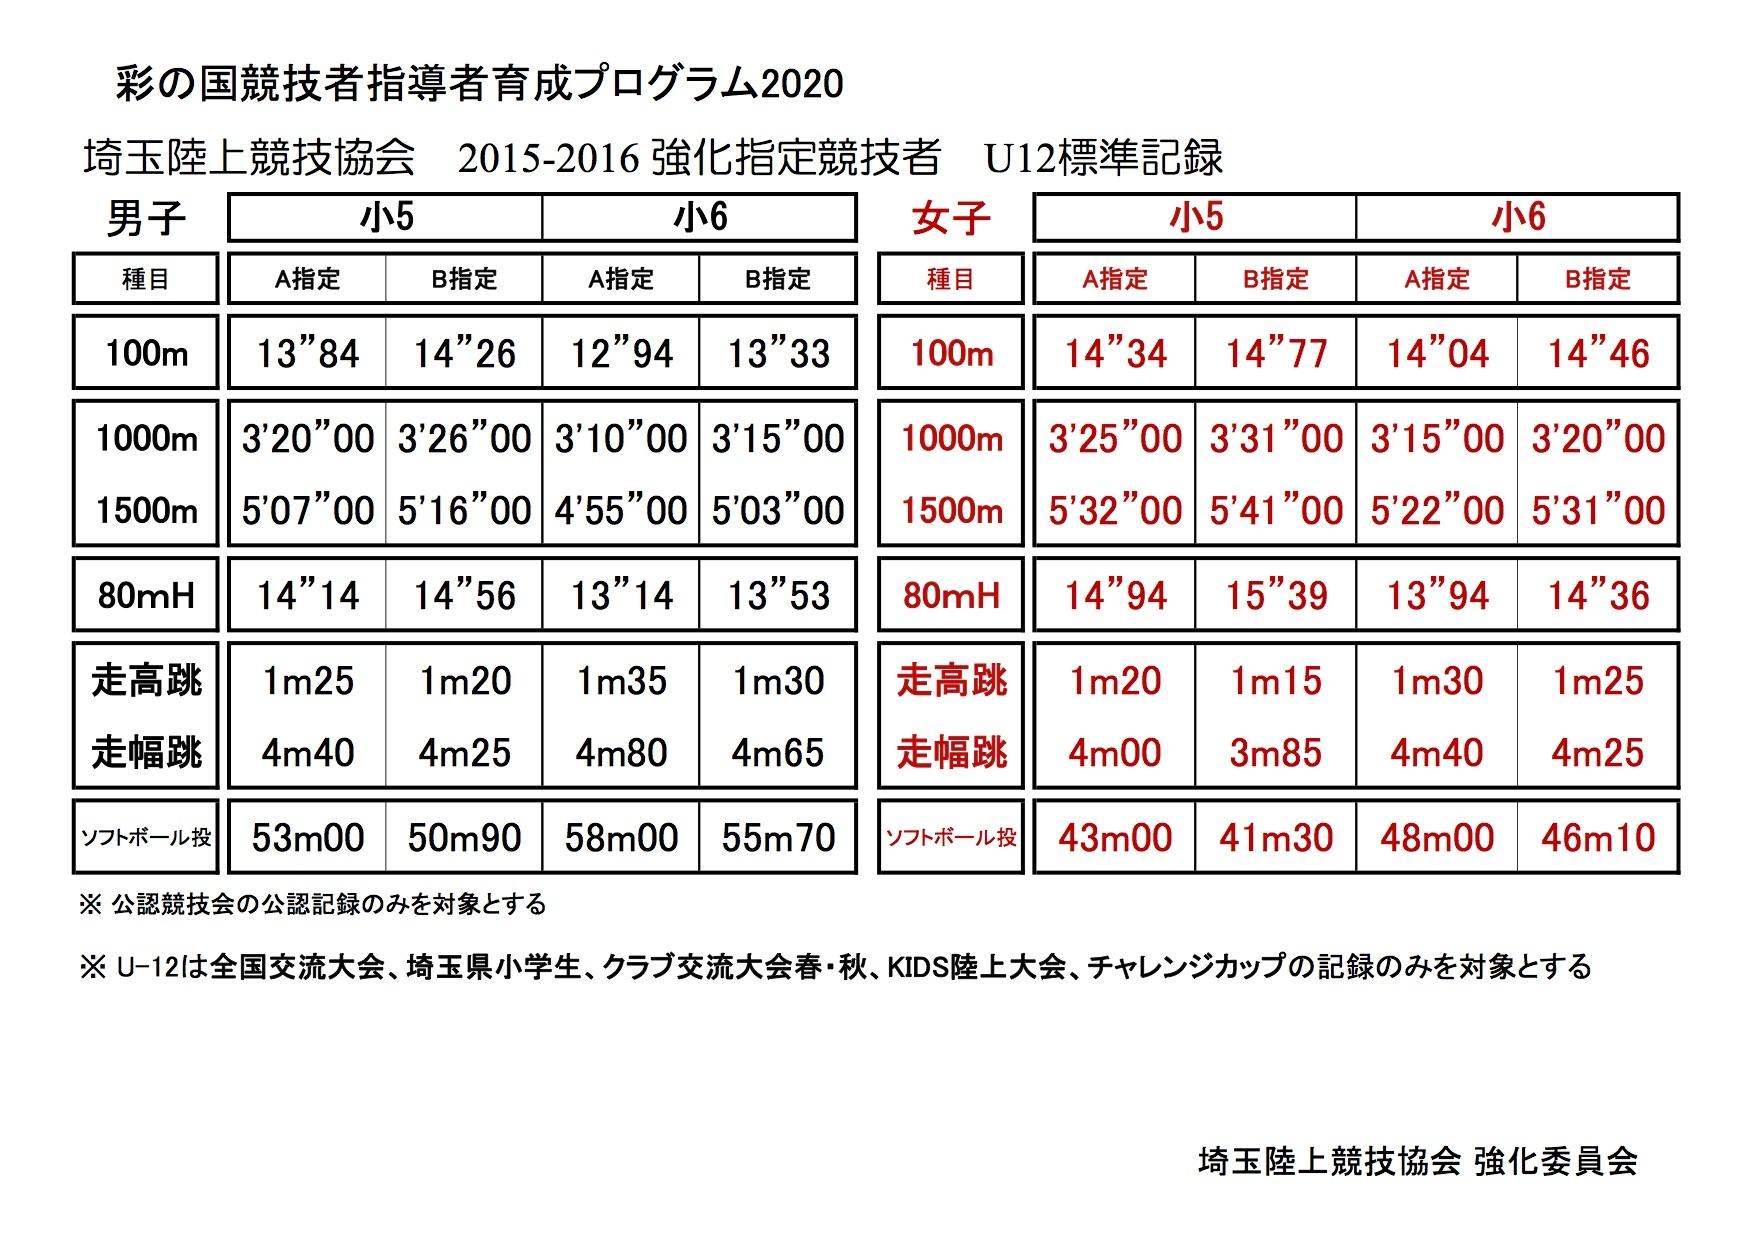 埼玉県陸上競技会、強化指定選手、トレーナー、アスリートケア、A指定、B指定